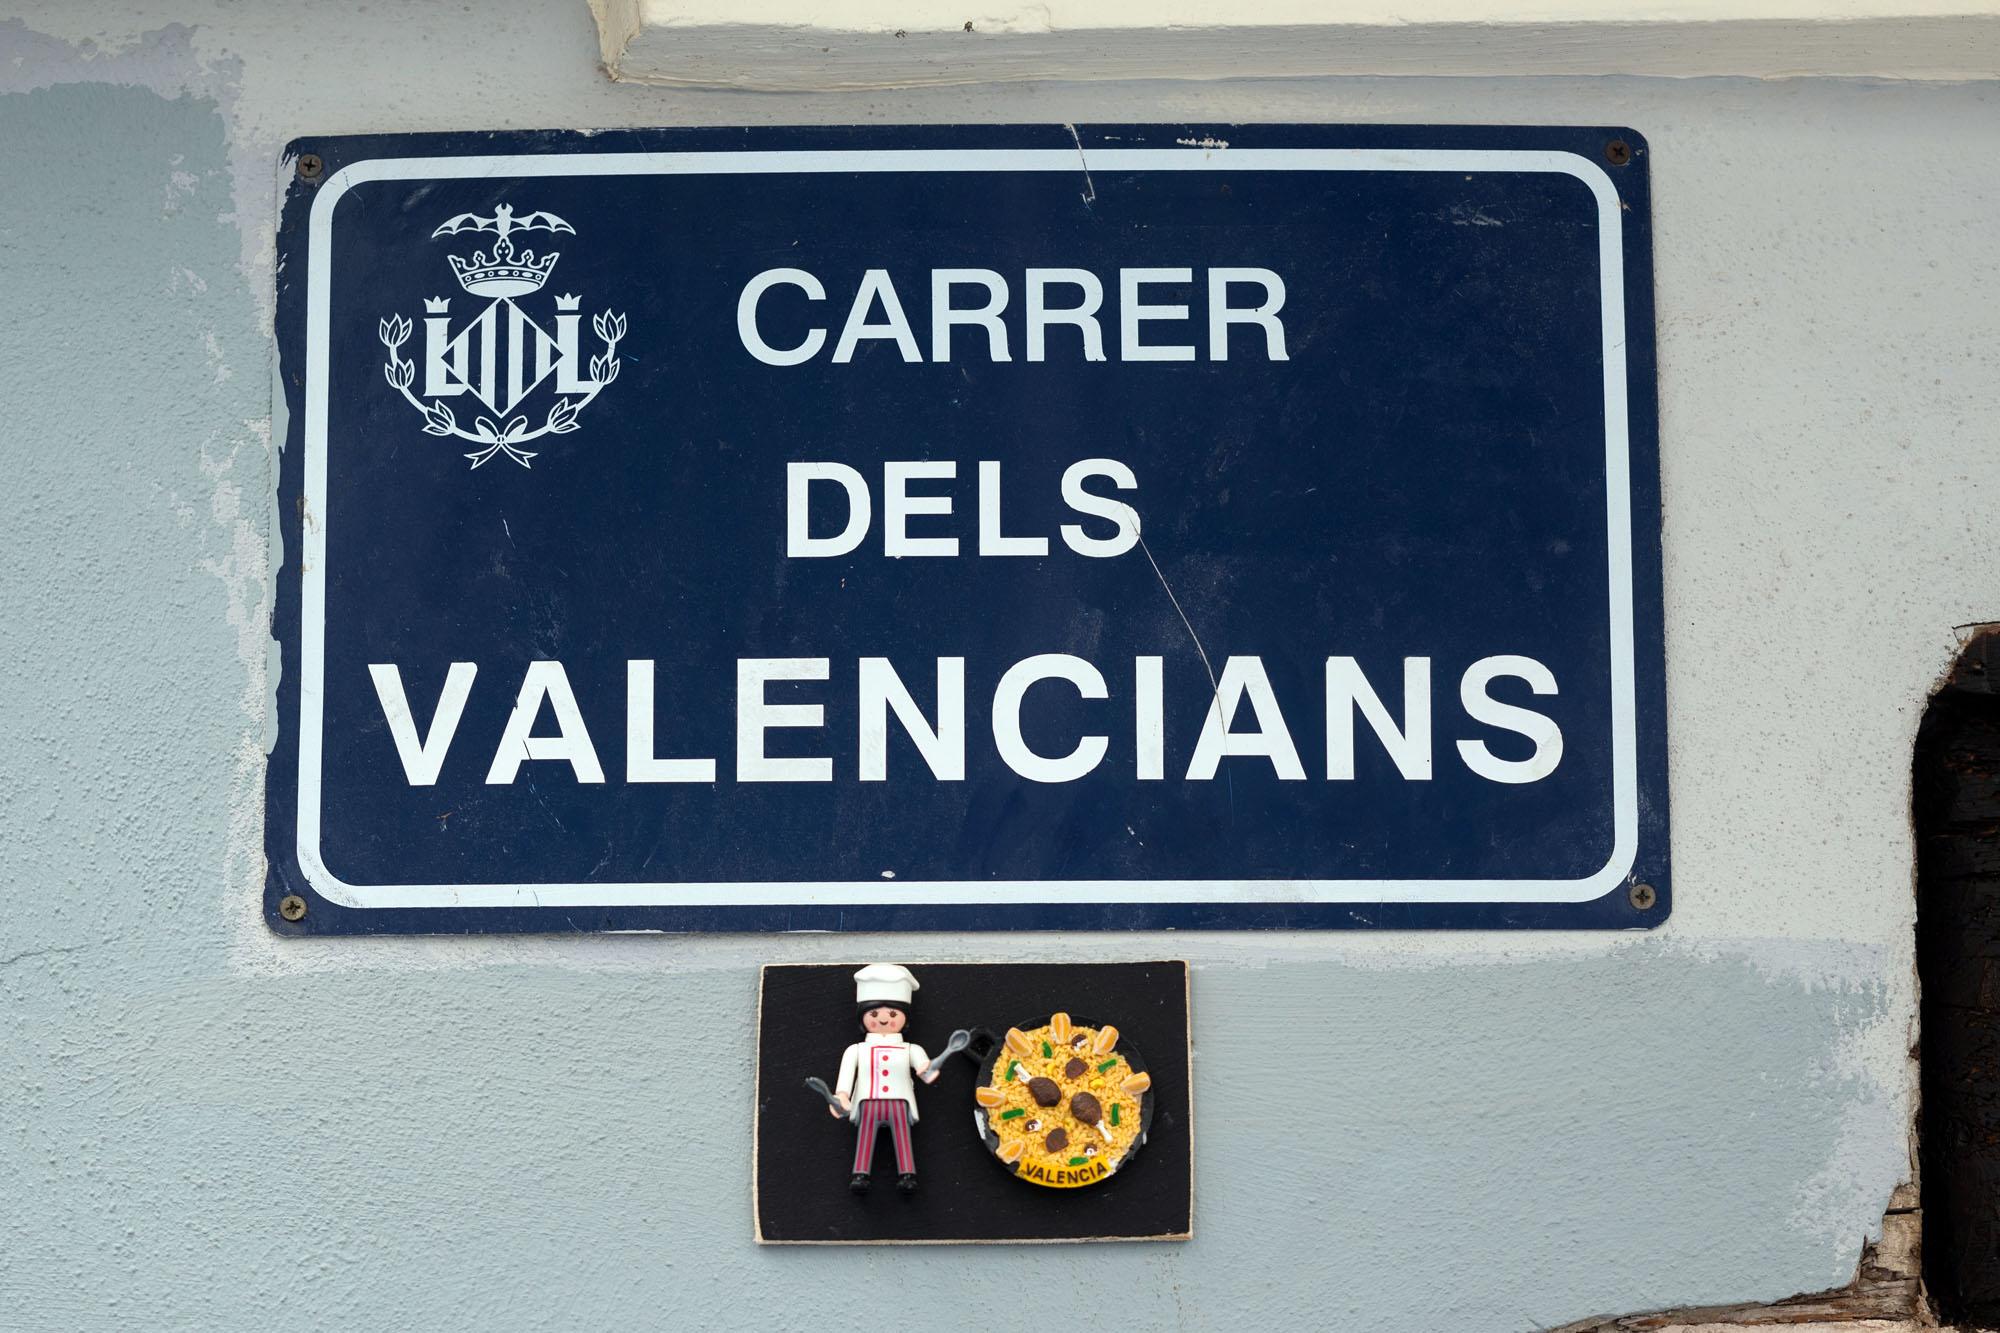 Carrer dels Valencians